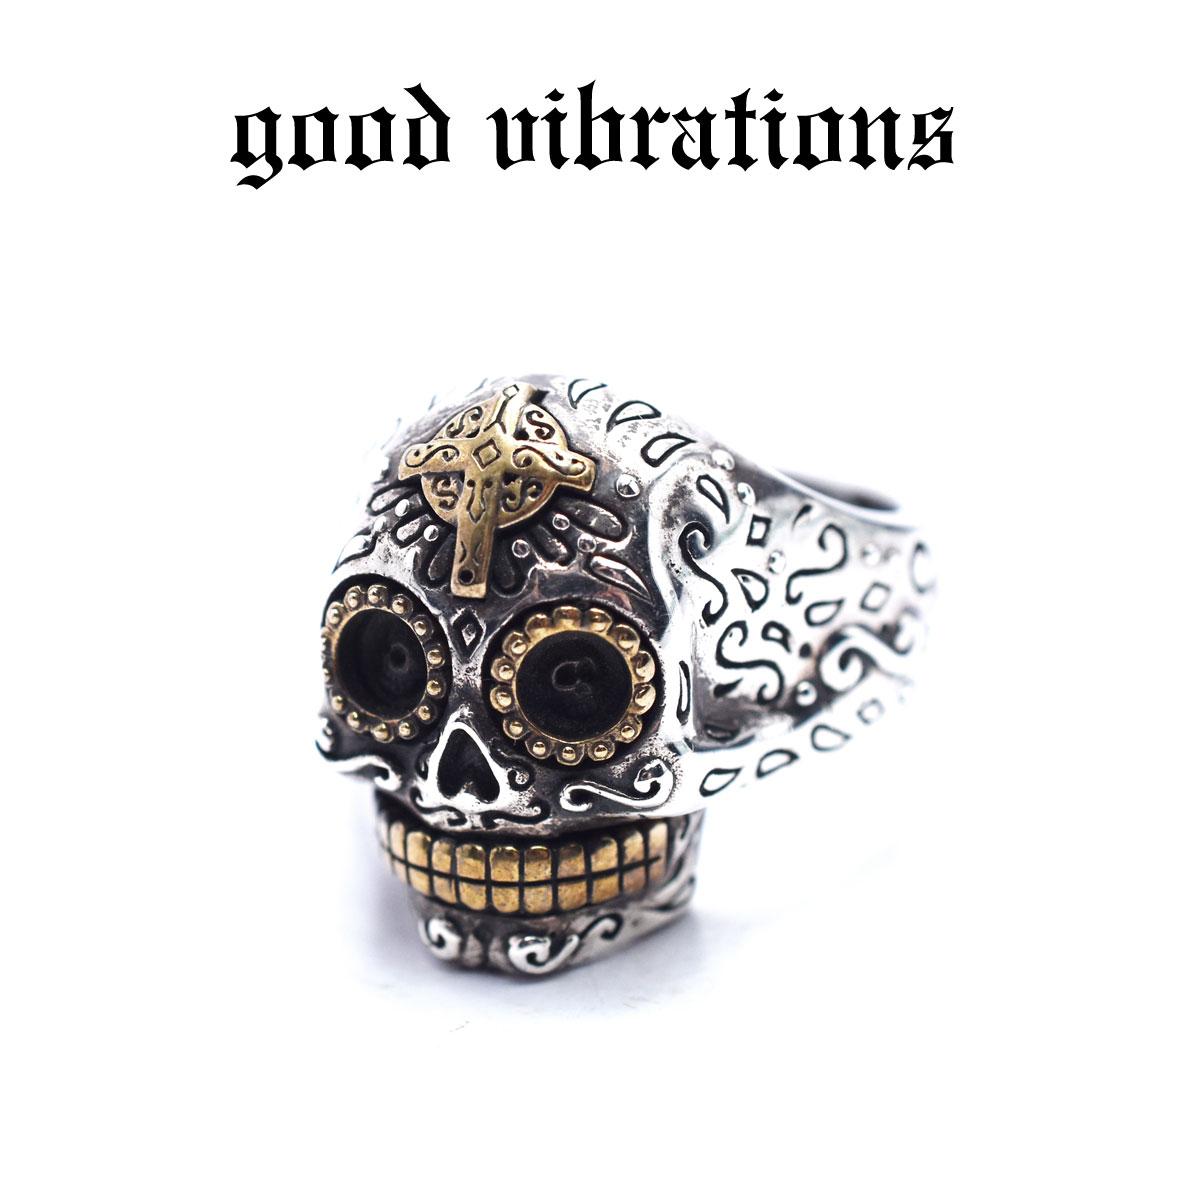 【正規取扱店】good vibrations/グッドバイブレーションズ≪Mexican Skull メキシカン・スカル フリーサイズ リング(10~21号)≫シュガースカル/髑髏/骸骨/スターリングシルバー/純銀/Silver【925】/ブラス/真鍮/指輪【送料無料】